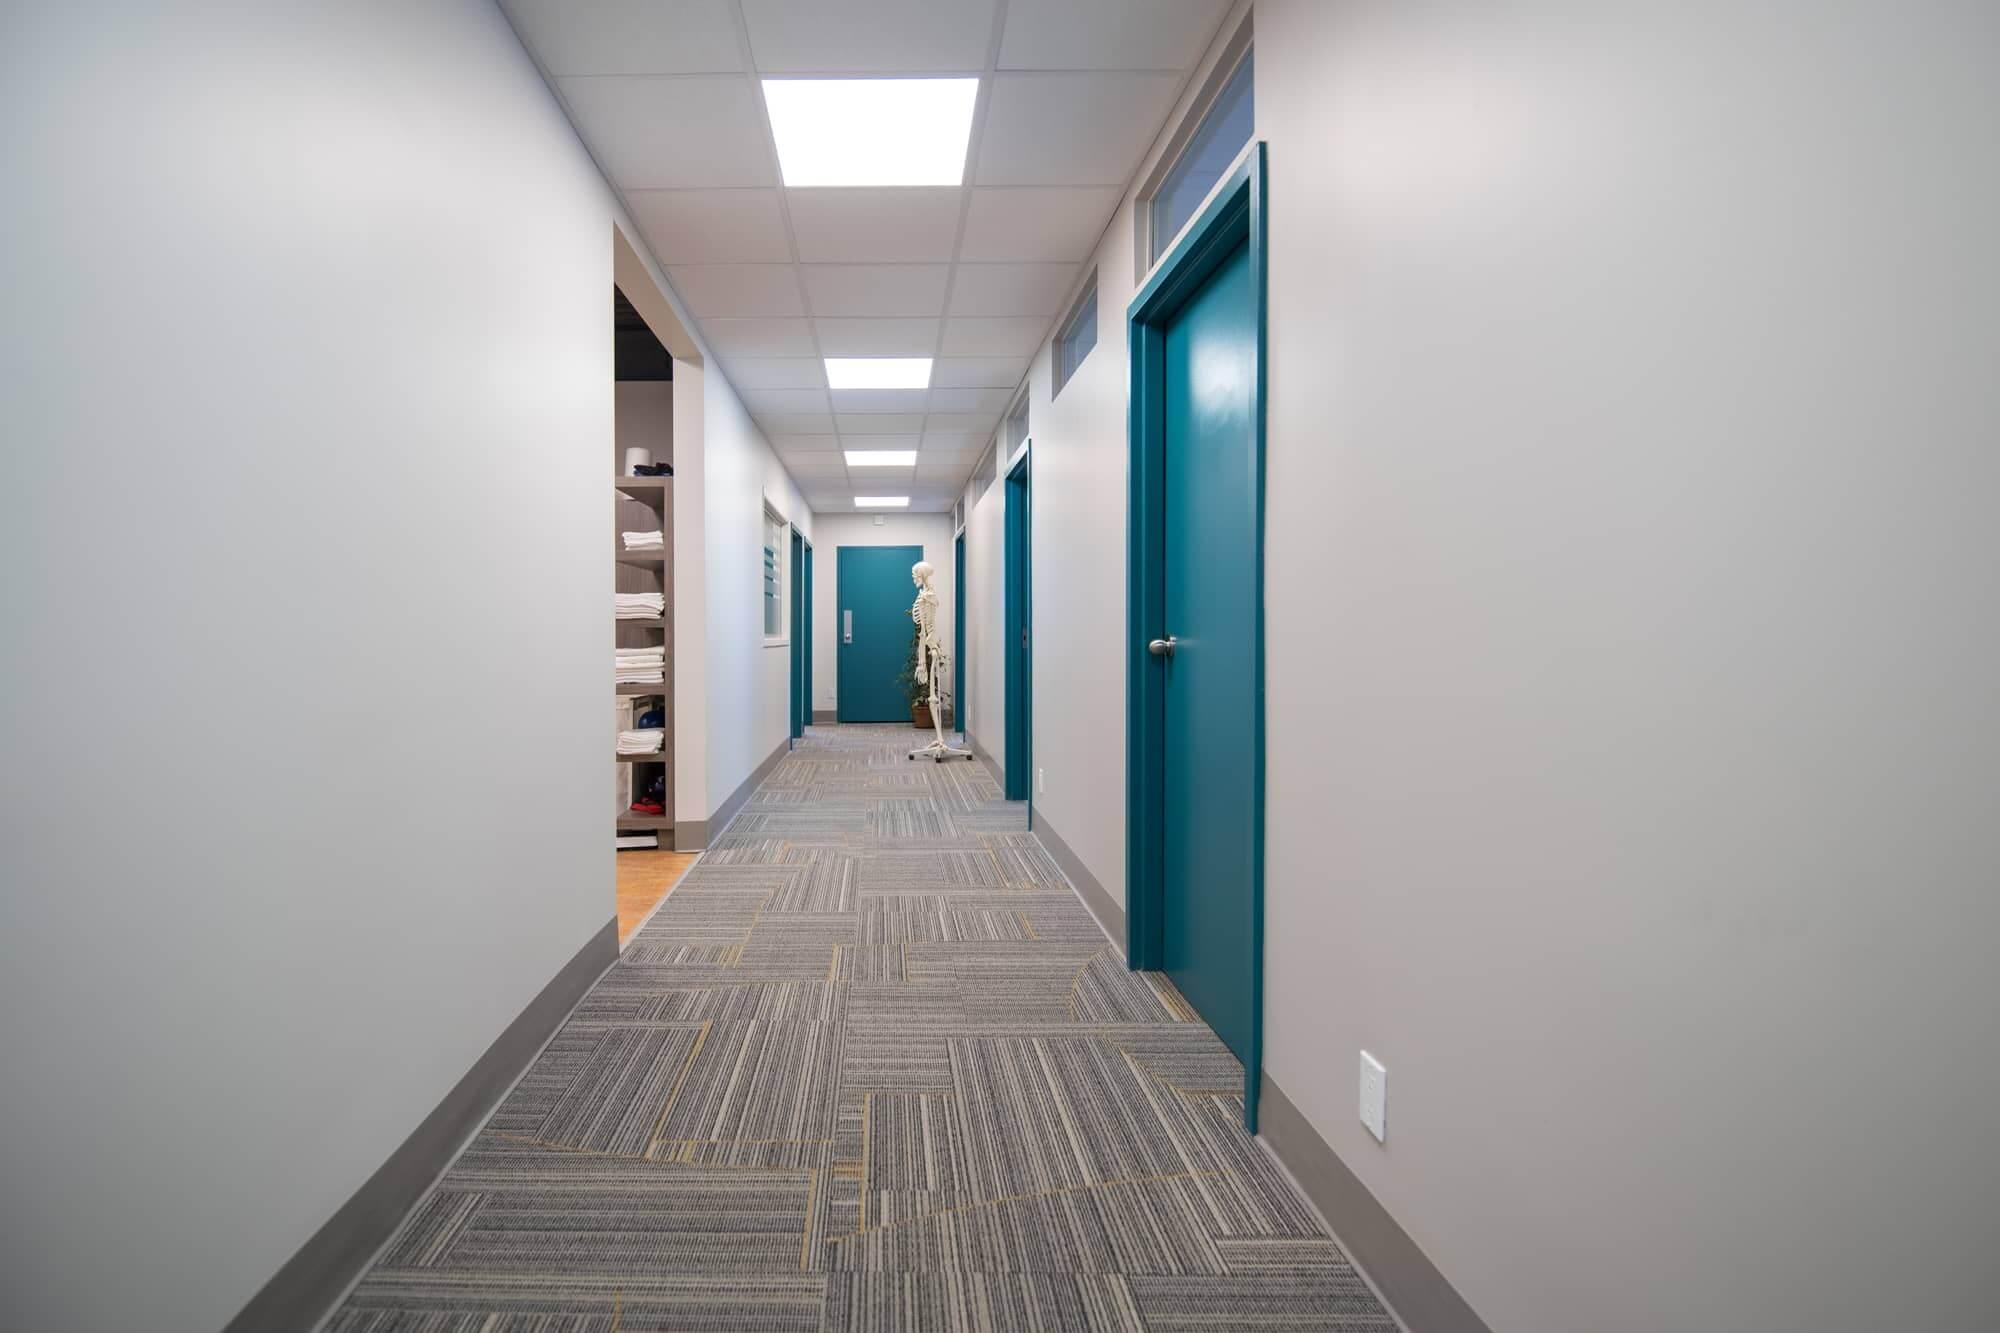 Corridor d'une clinique de physiothérapie avec portes turquoises et beau tapis commercial (nouvellement aménagée)